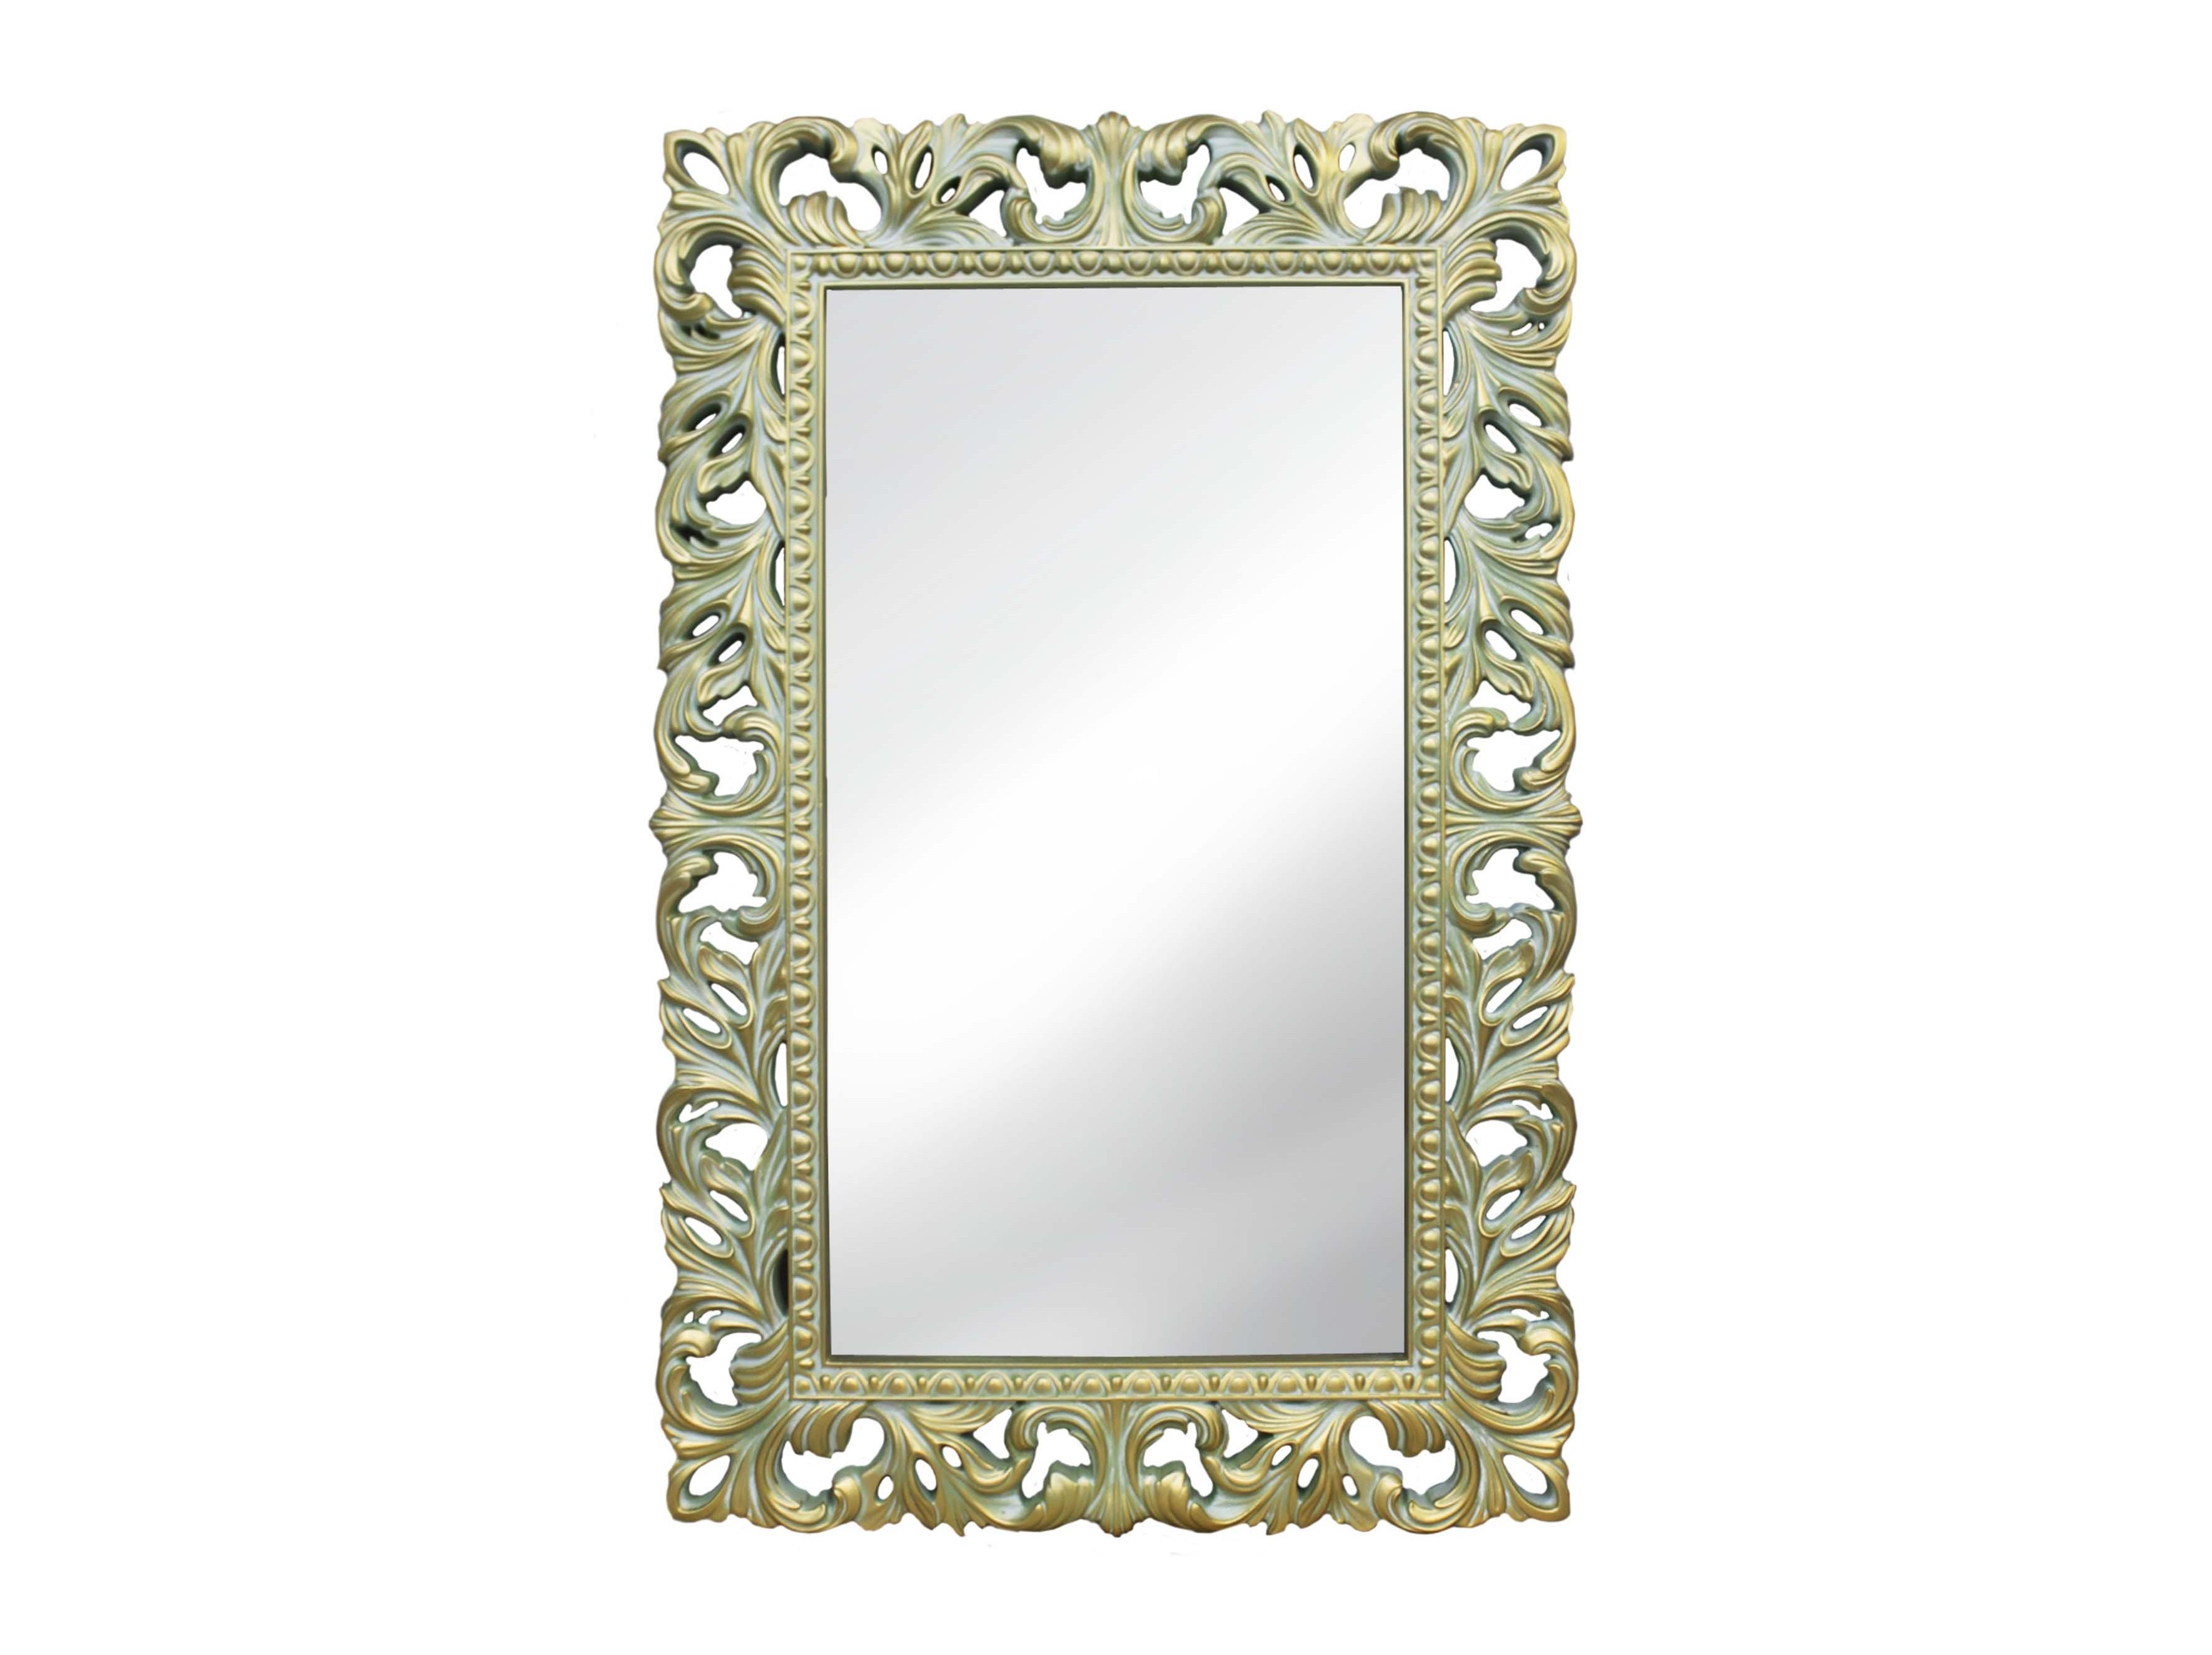 Зеркало итальянское в винтажной рамеНастенные зеркала<br>Резная рама для этого винтажного зеркала окрашена в нежный оттенок оливы и искусственно состарена покрытием из благородной патины. Этот изящный предмет интерьера будет особенно хорош в комнате, обставленной в стиле Прованс или неоклассика. В качестве материала для обрамления использован мебельный пенополиуретан. Он отлично подходит для таких сложных декоров: тверд, не боится влаги, долговечен, хорошо окрашивается.&amp;lt;div&amp;gt;&amp;lt;span style=&amp;quot;line-height: 37.5374px;&amp;quot;&amp;gt;Цвет: Олива Золото Патина&amp;lt;/span&amp;gt;&amp;lt;br&amp;gt;&amp;lt;/div&amp;gt;<br><br>Material: Полиуретан<br>Ширина см: 75<br>Высота см: 115<br>Глубина см: 4